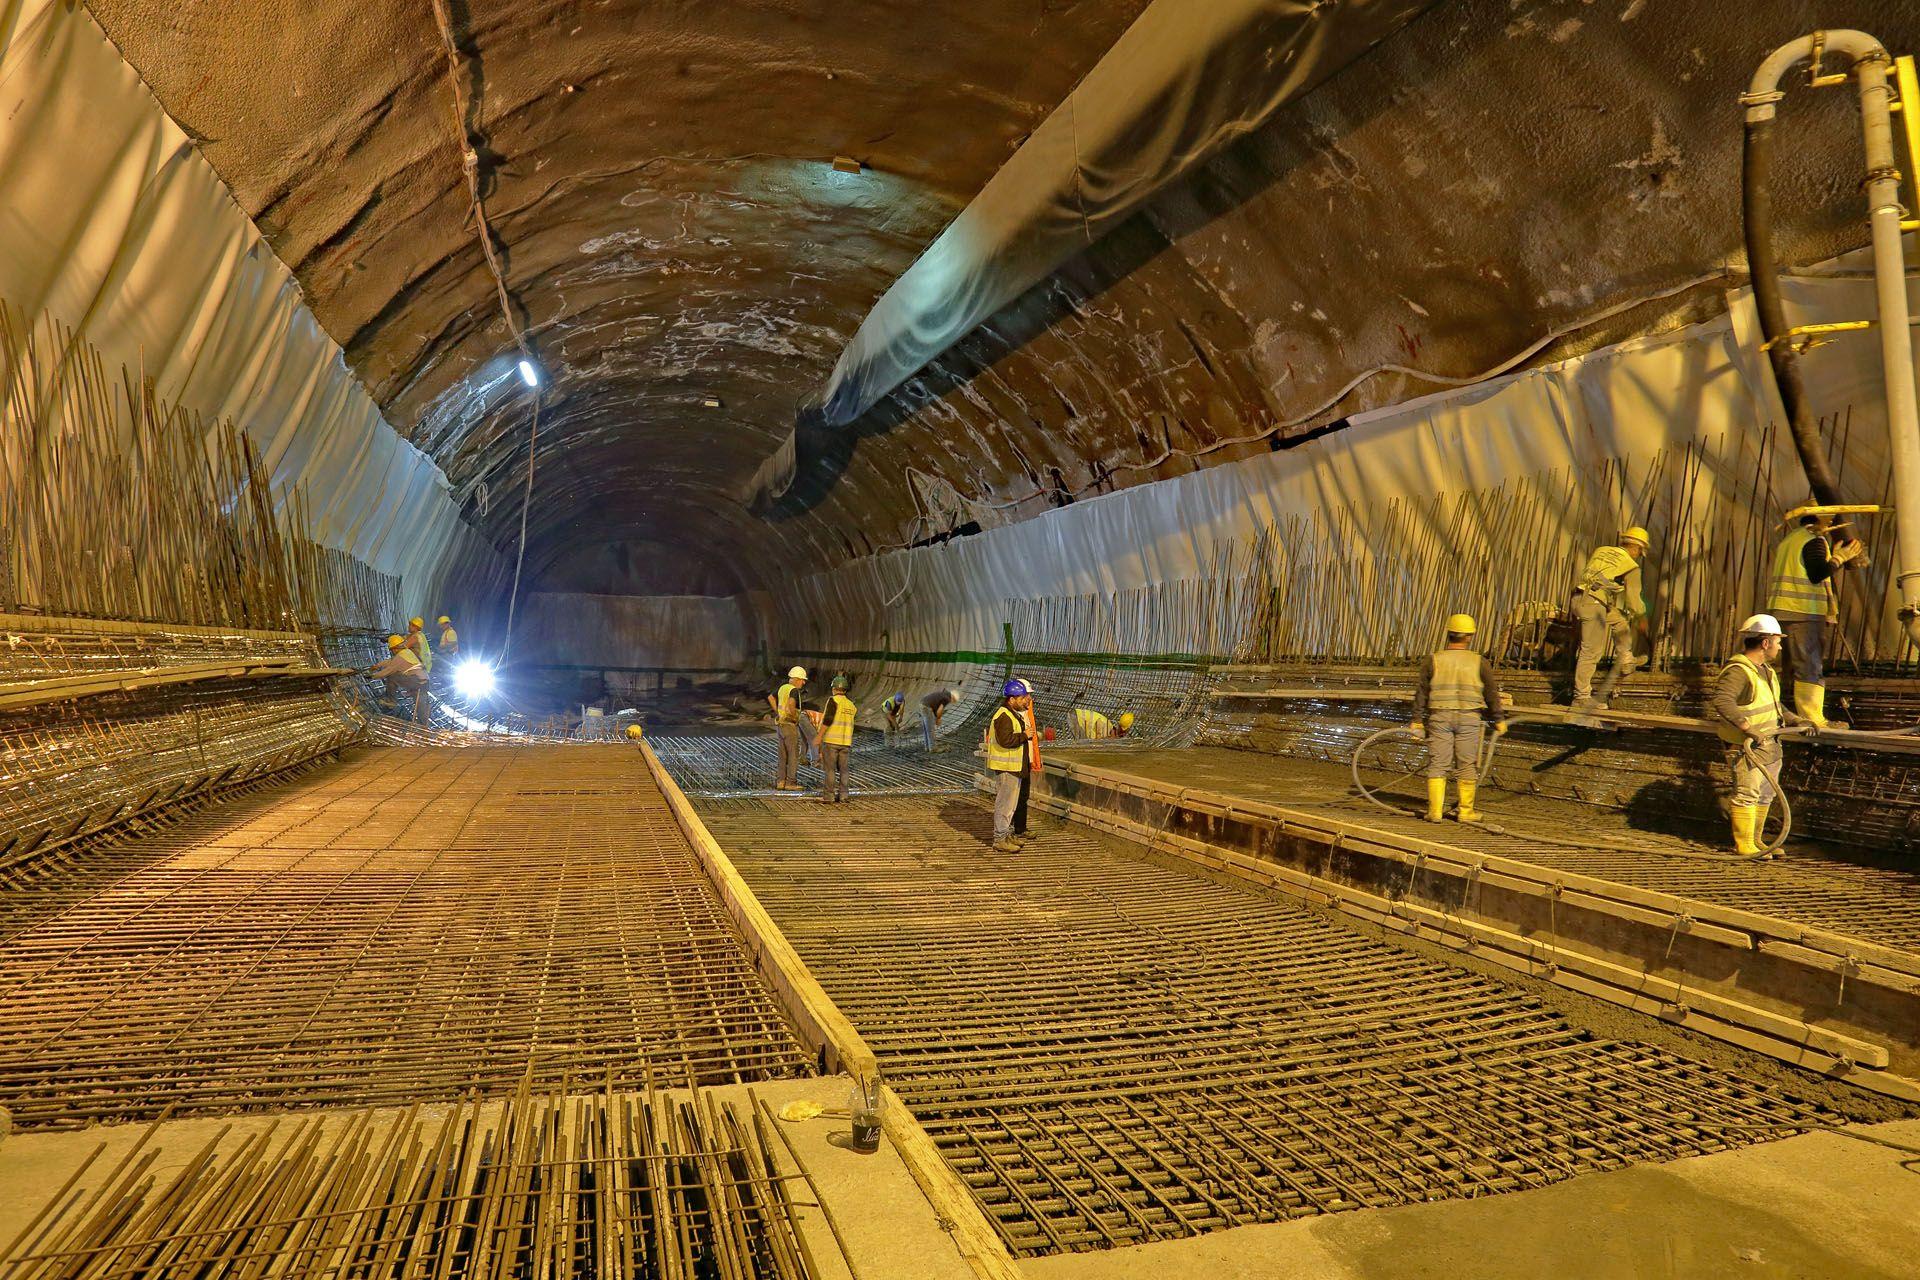 Πρόοδος επέκτασης Μετρό Πειραιάς